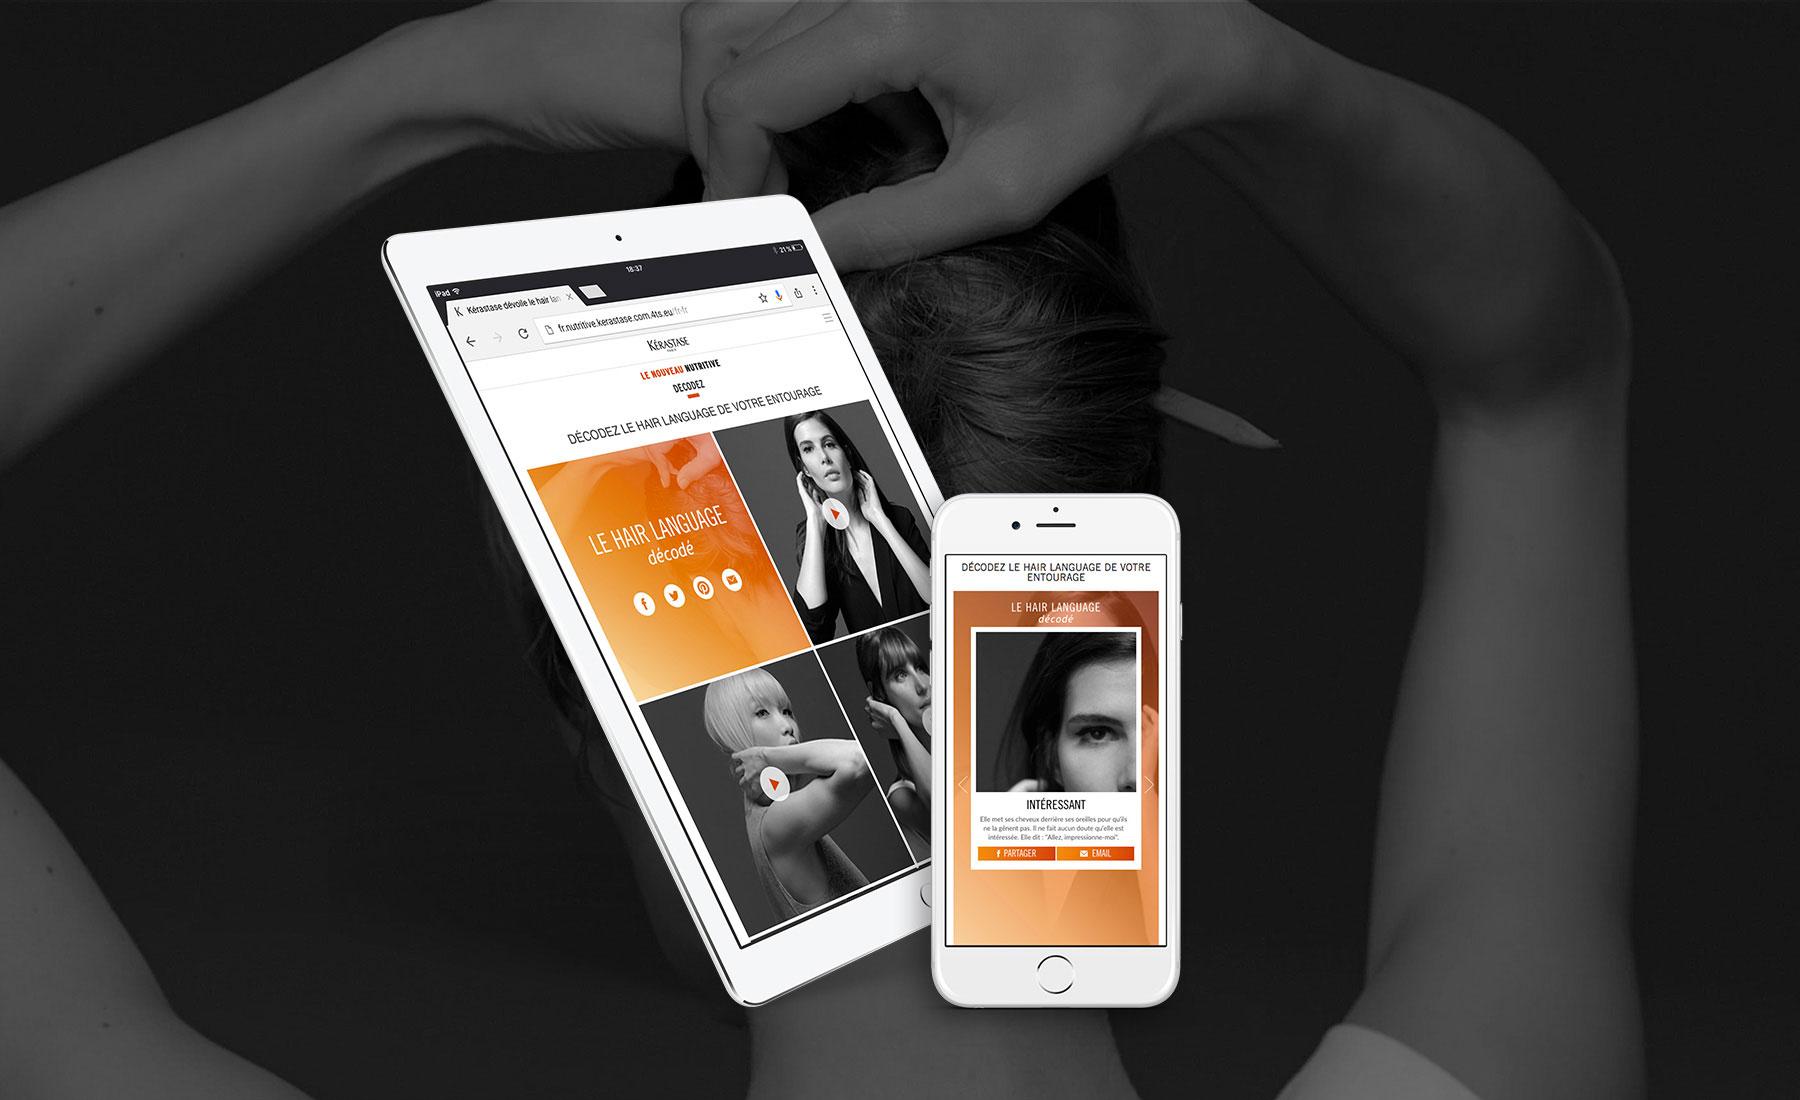 Kérastase - Social tool par Sharing Agency